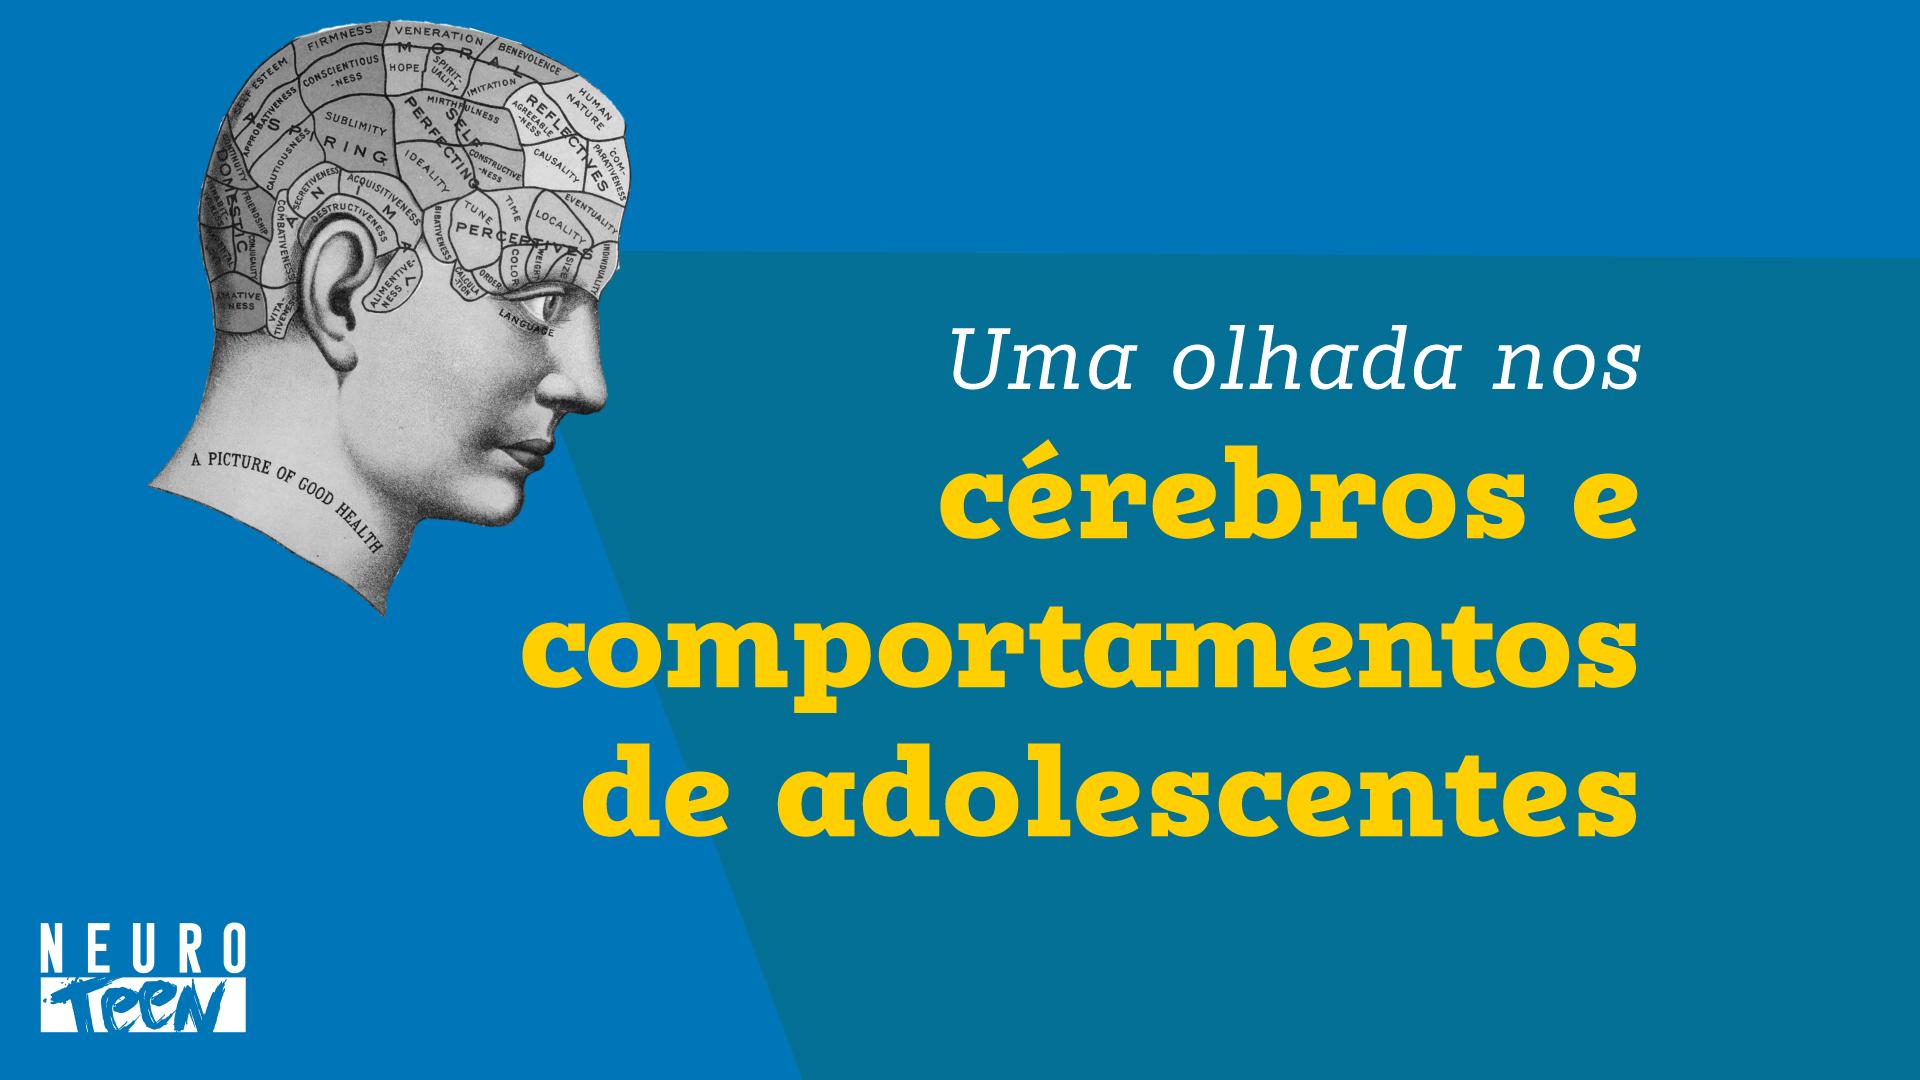 Uma olhada nos cérebros e comportamentos de adolescentes